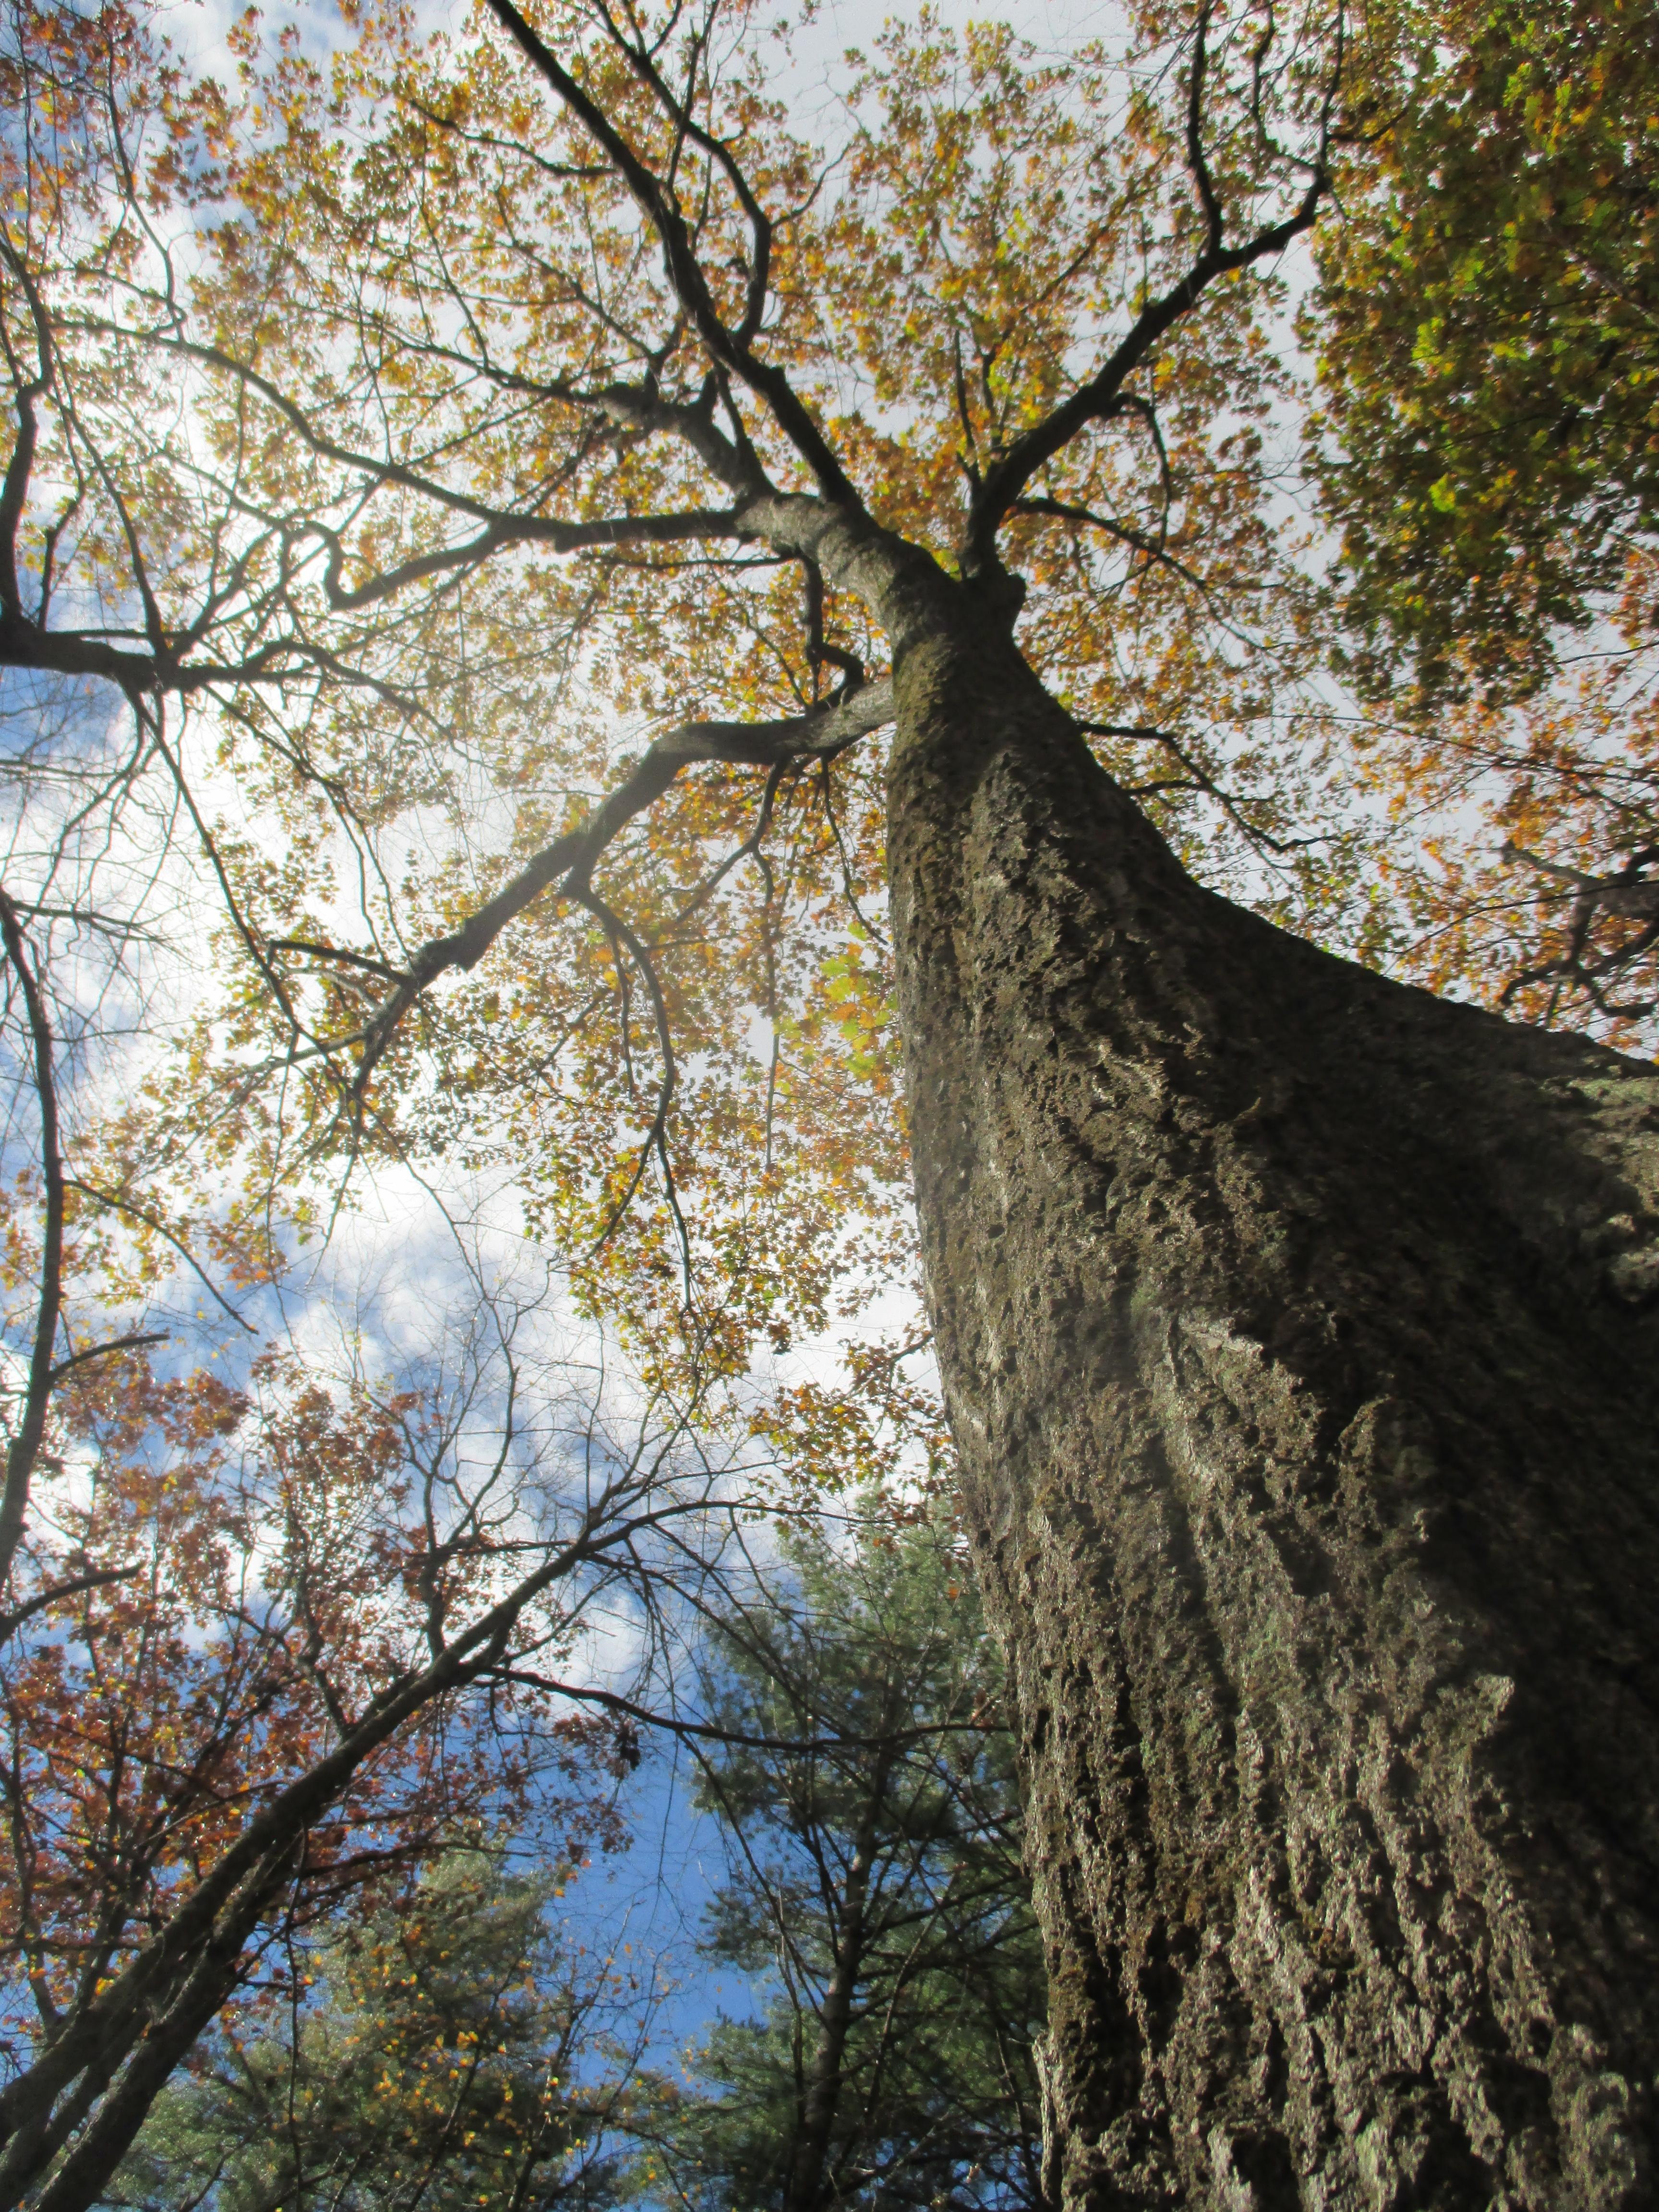 Harvard Forest: CRUNCH TIME AT HARVARD FOREST « Lynda V. Mapes Website